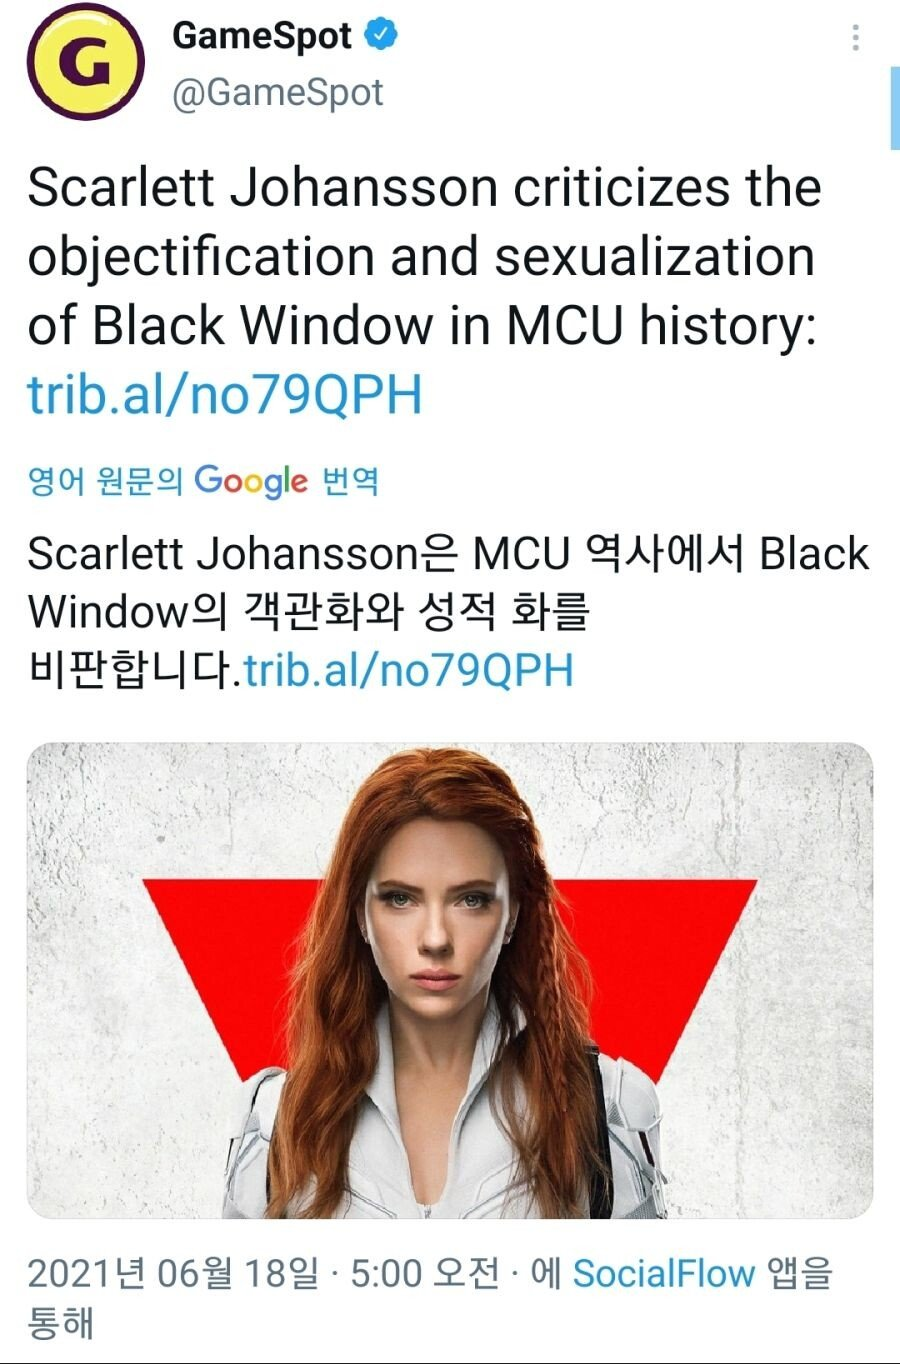 블랙 위도우는 페미니스트다